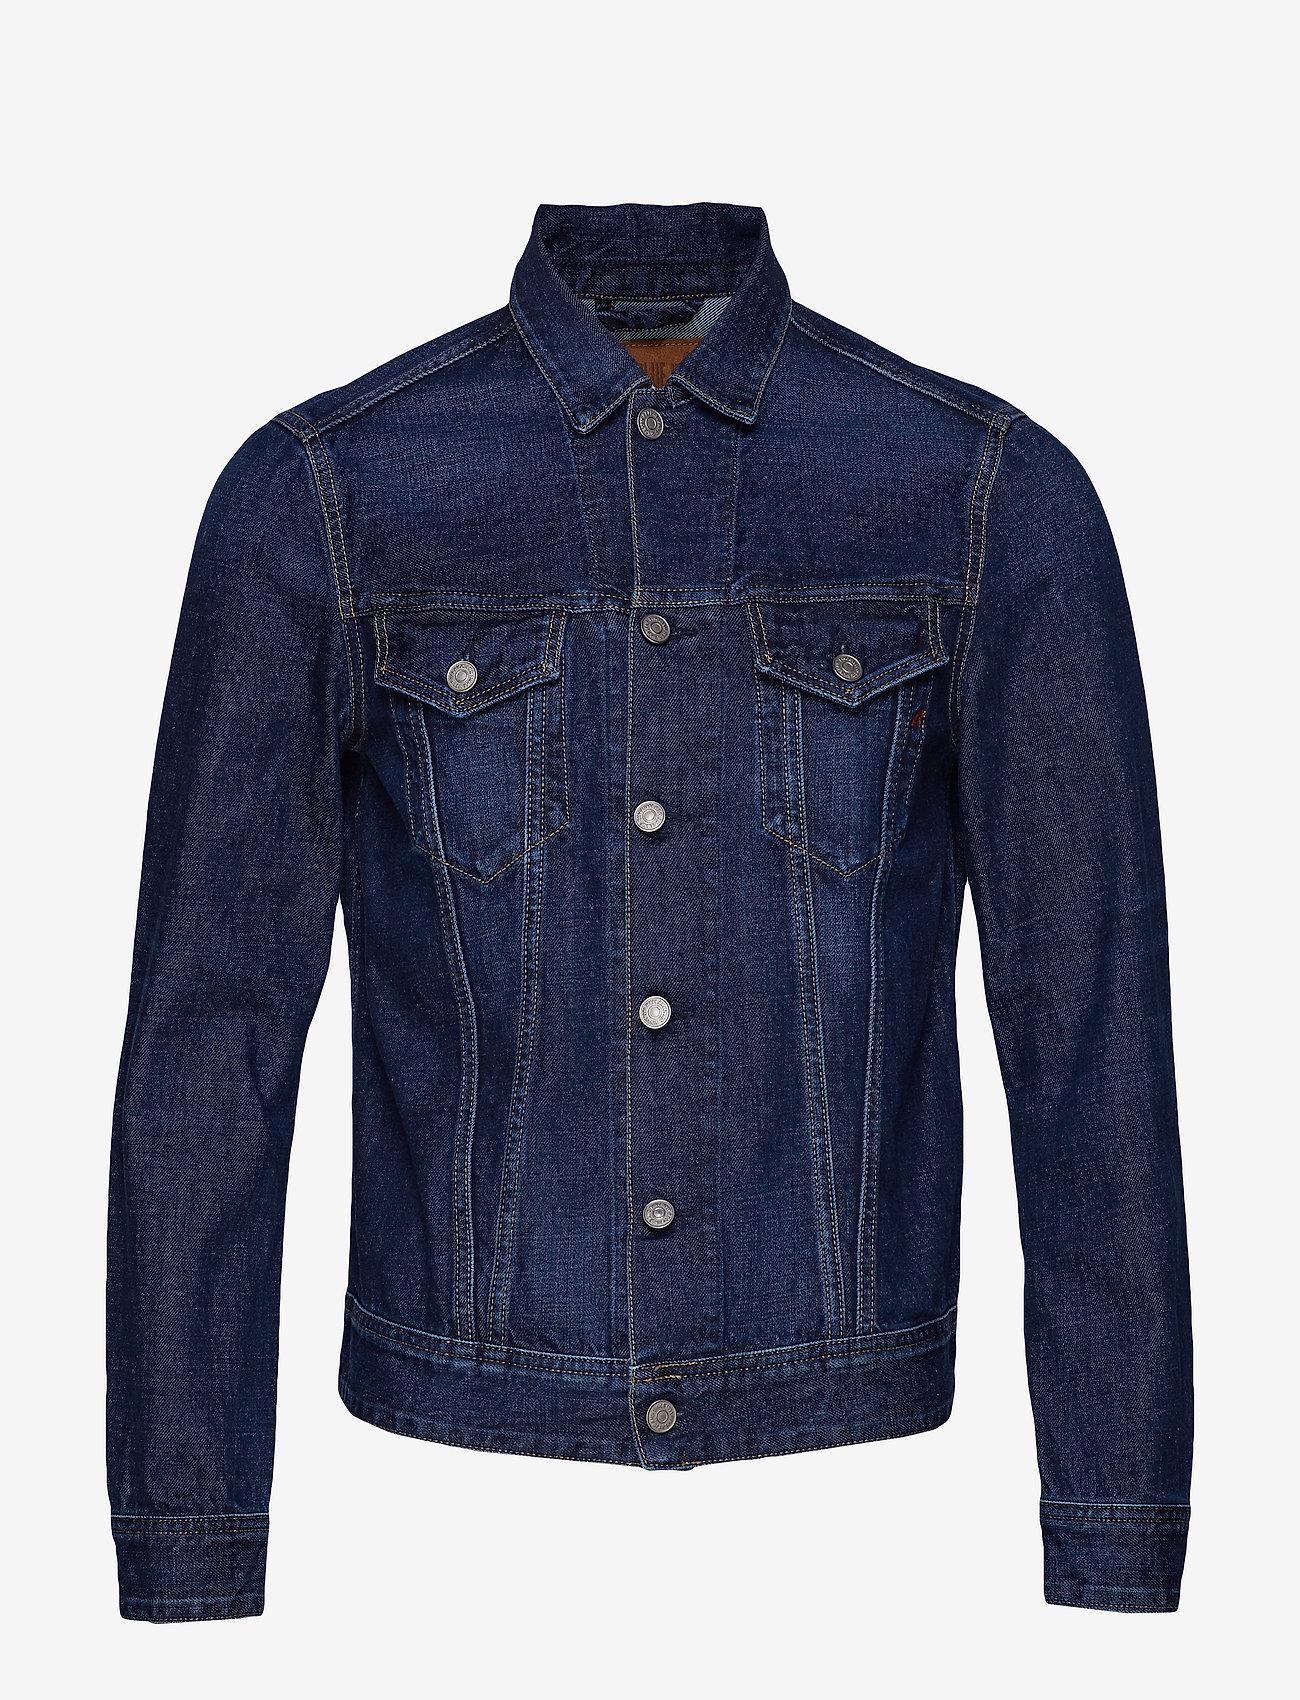 Replay 11 OZ AUTHENTIC BLUE COTTON DENIM - Vestes et manteaux DARK BLUE XRyDJDJV